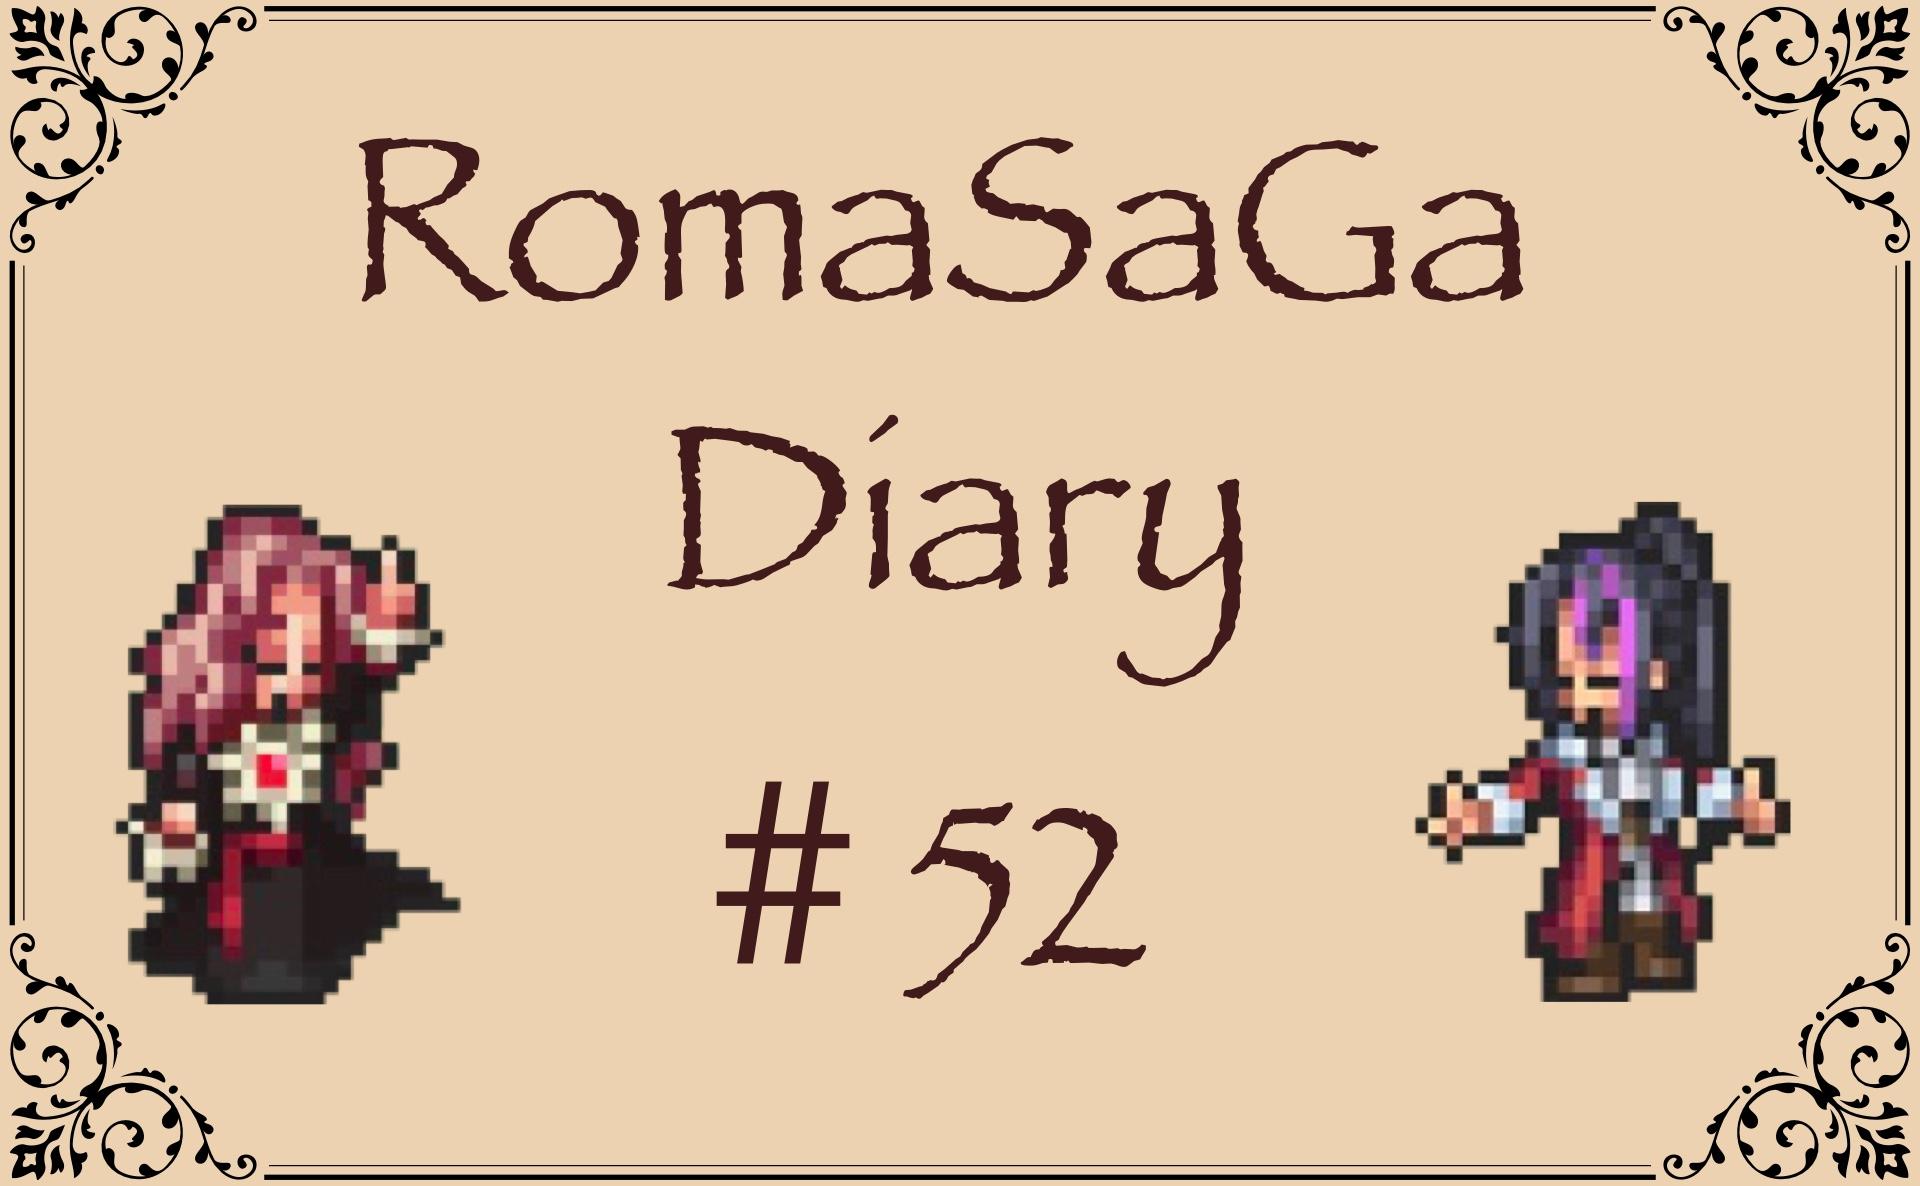 ロマサガDiary#52